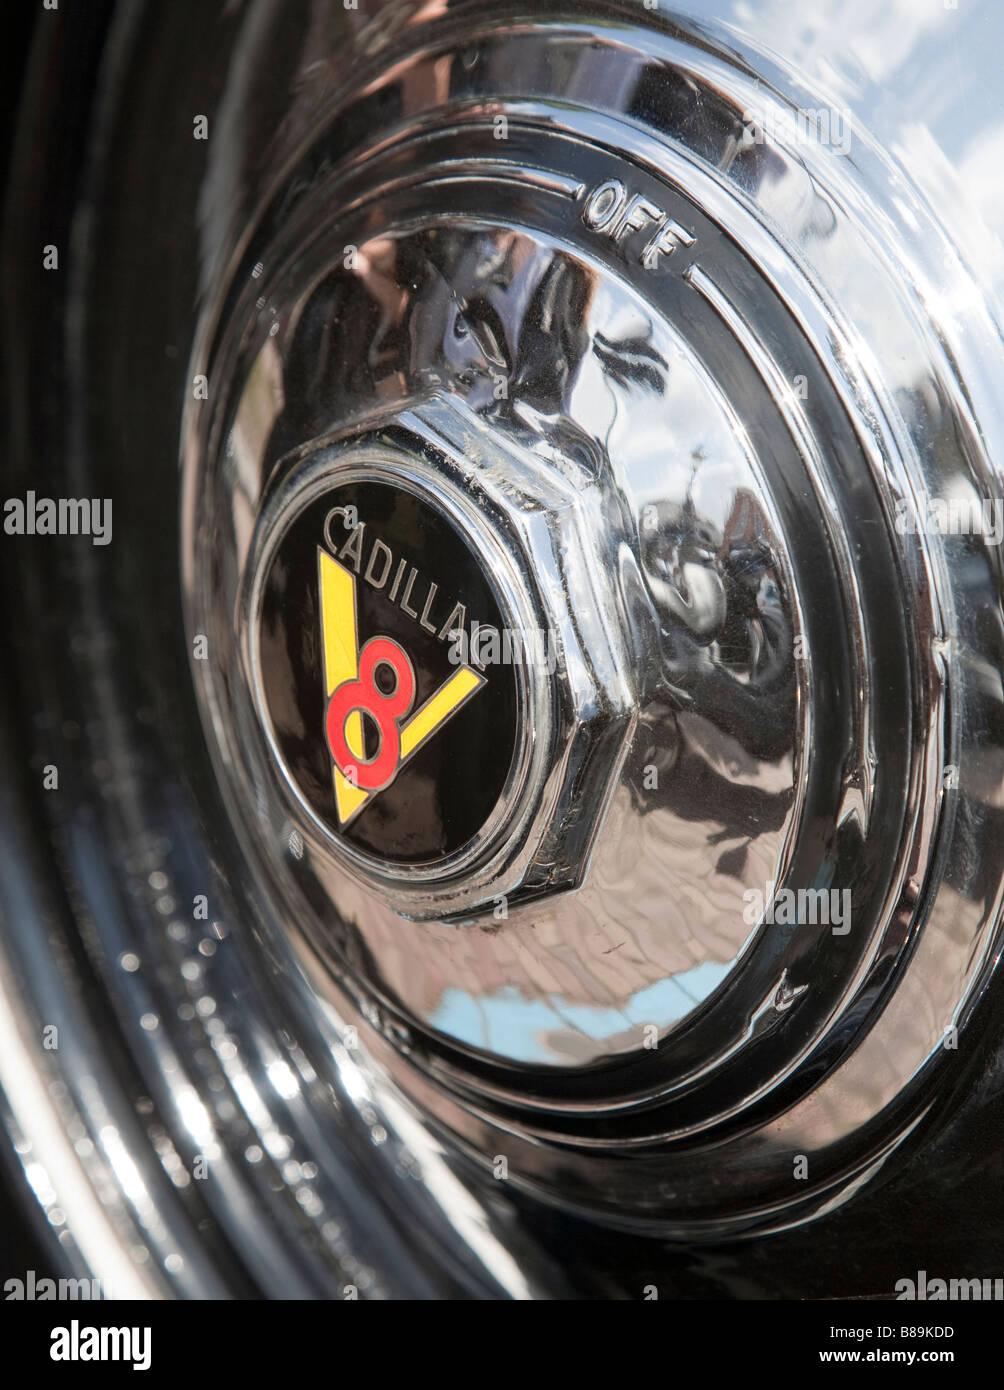 Car Trim Stockfotos & Car Trim Bilder - Alamy